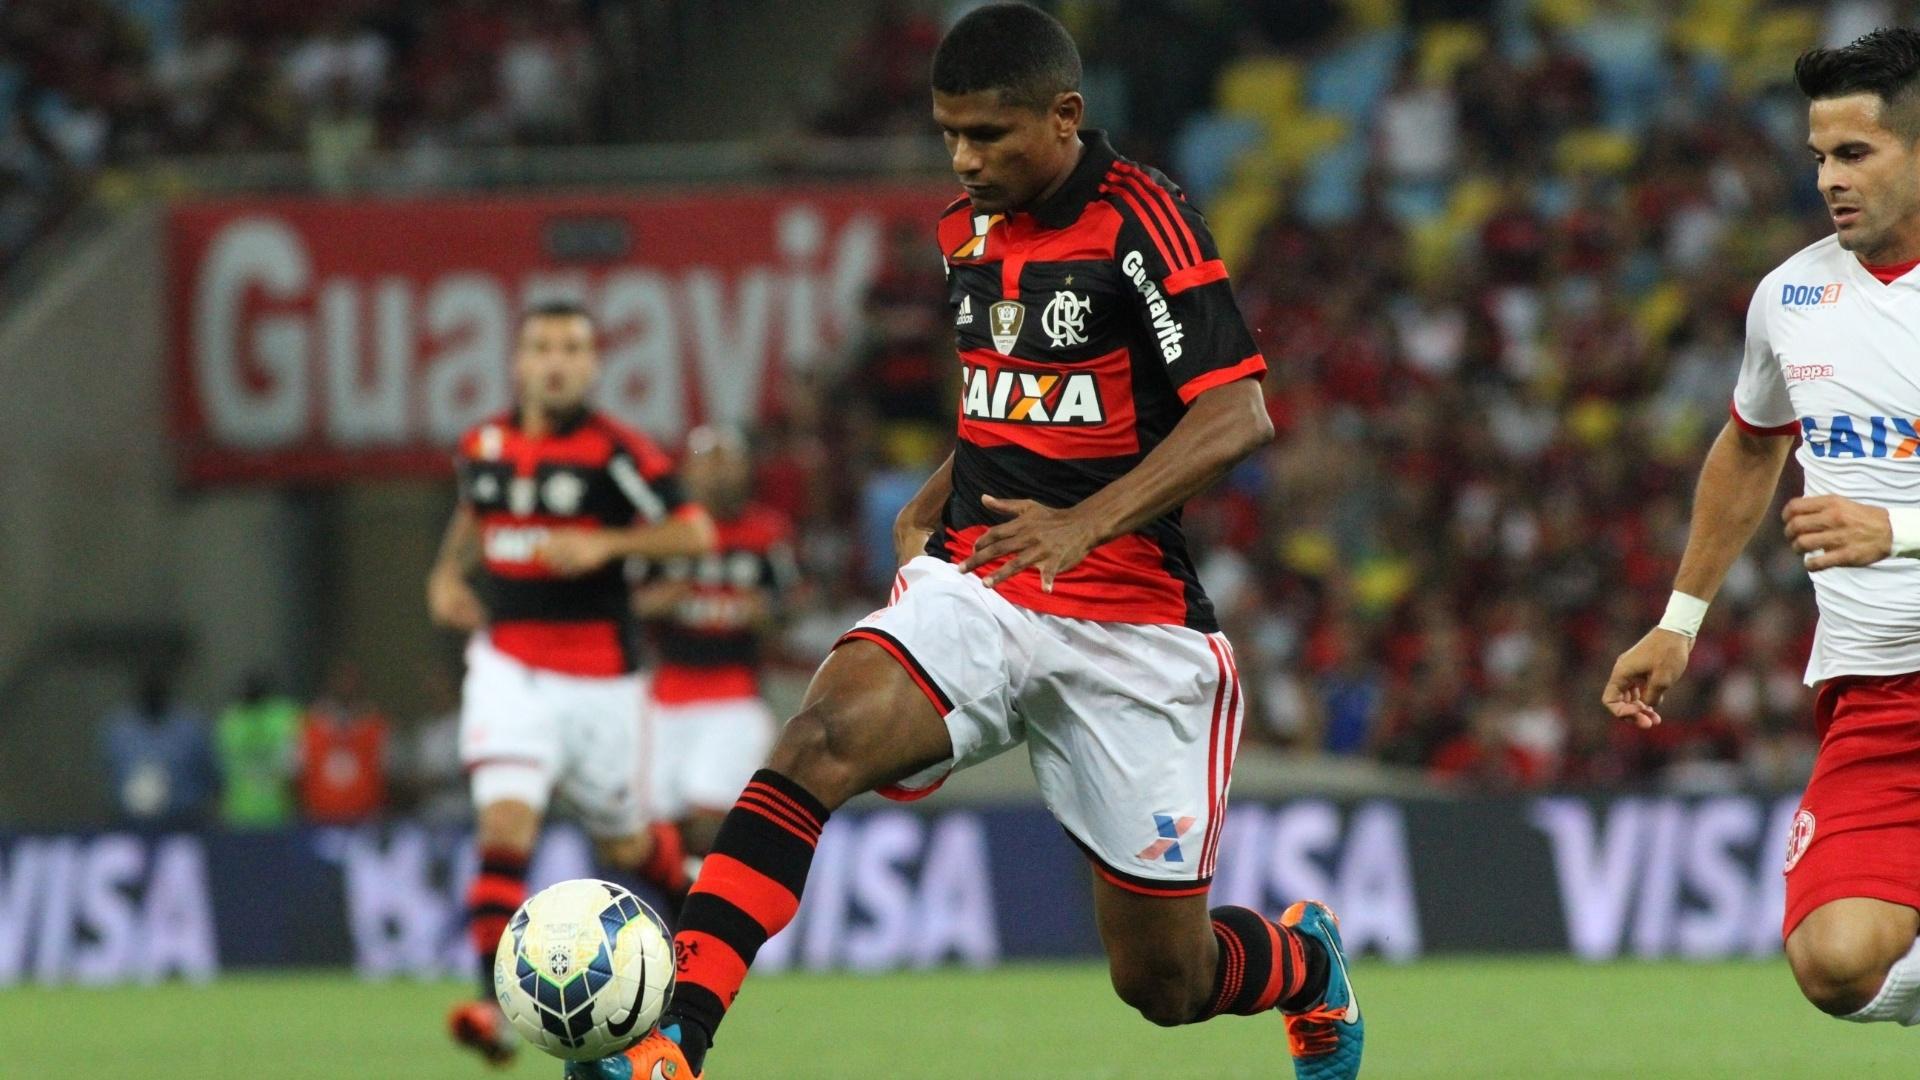 http://imguol.com/c/esporte/2014/10/15/marcio-araujo-domina-bola-em-partida-da-copa-do-brasil-1413423642235_1920x1080.jpg